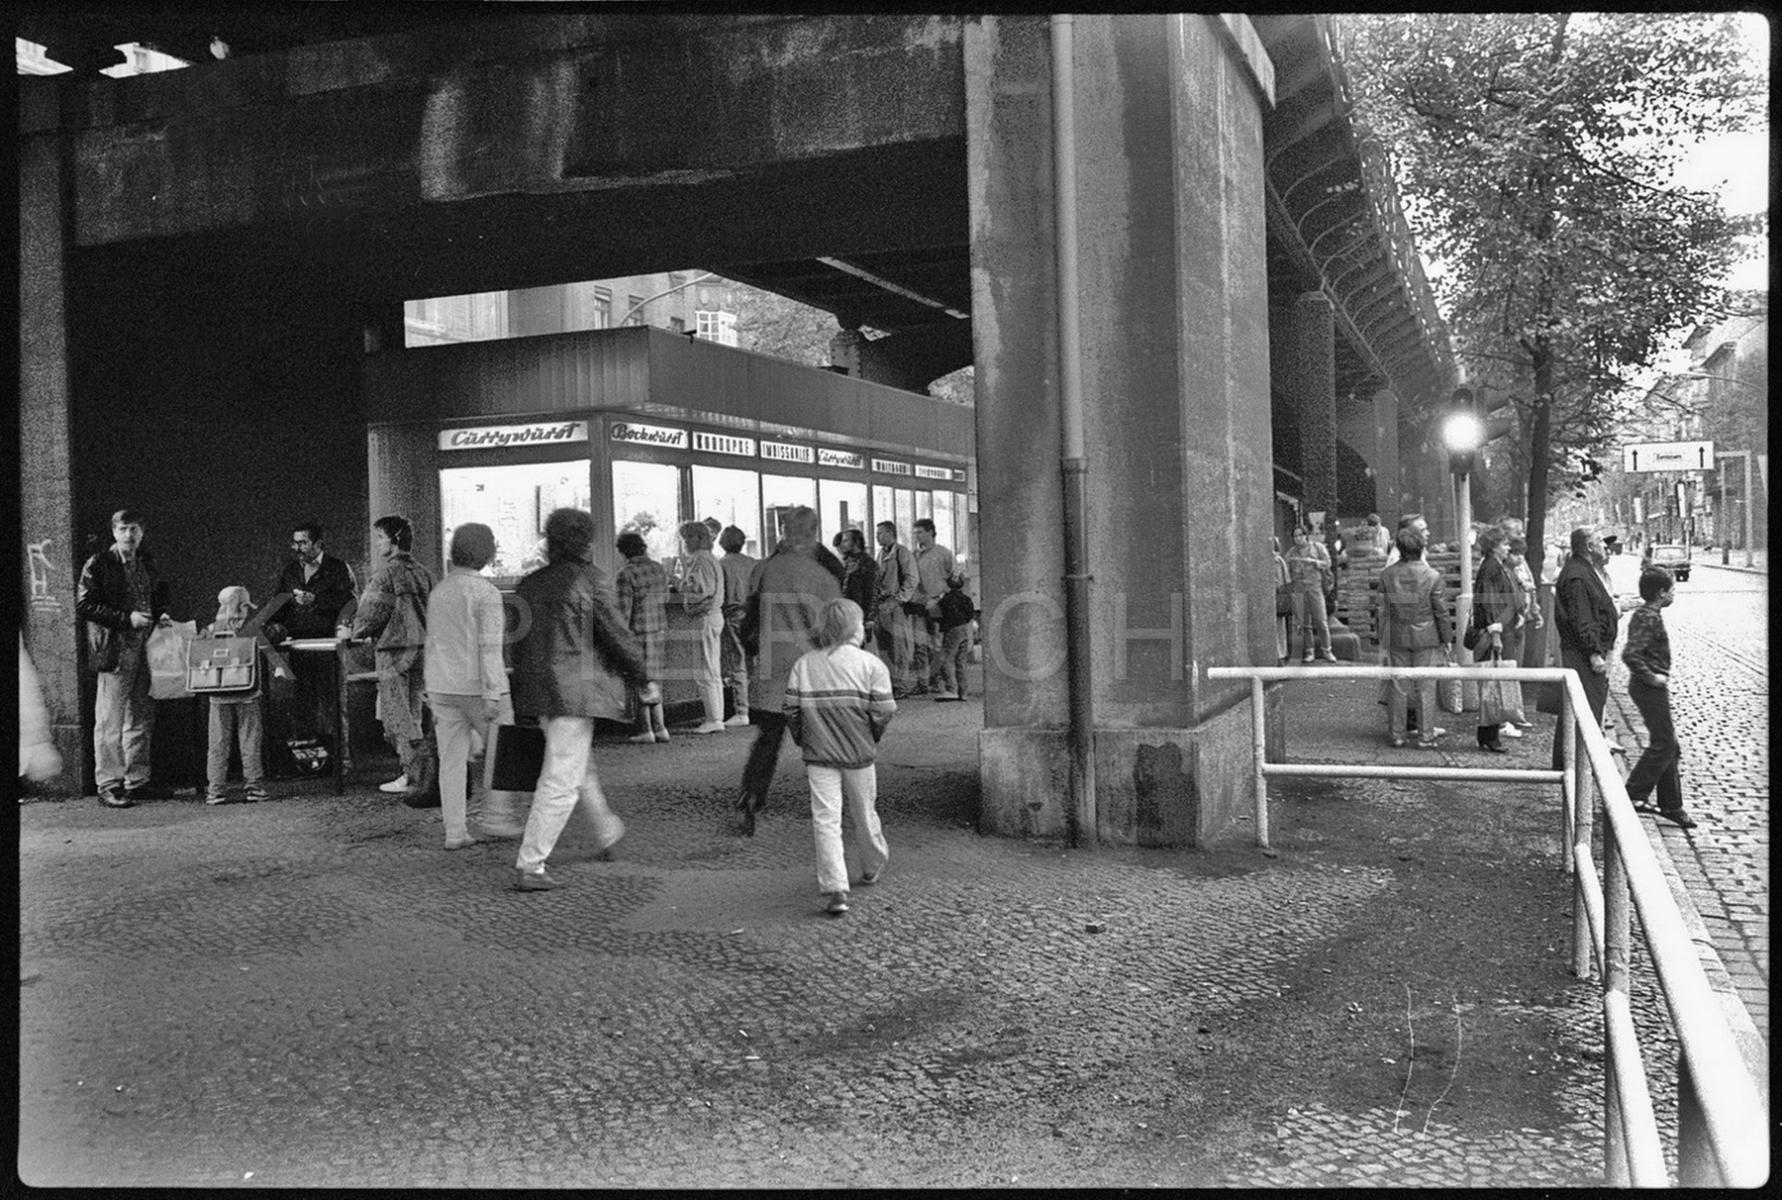 Nr02-090_Schönhauser-Allee-Konnopke-9.10.89